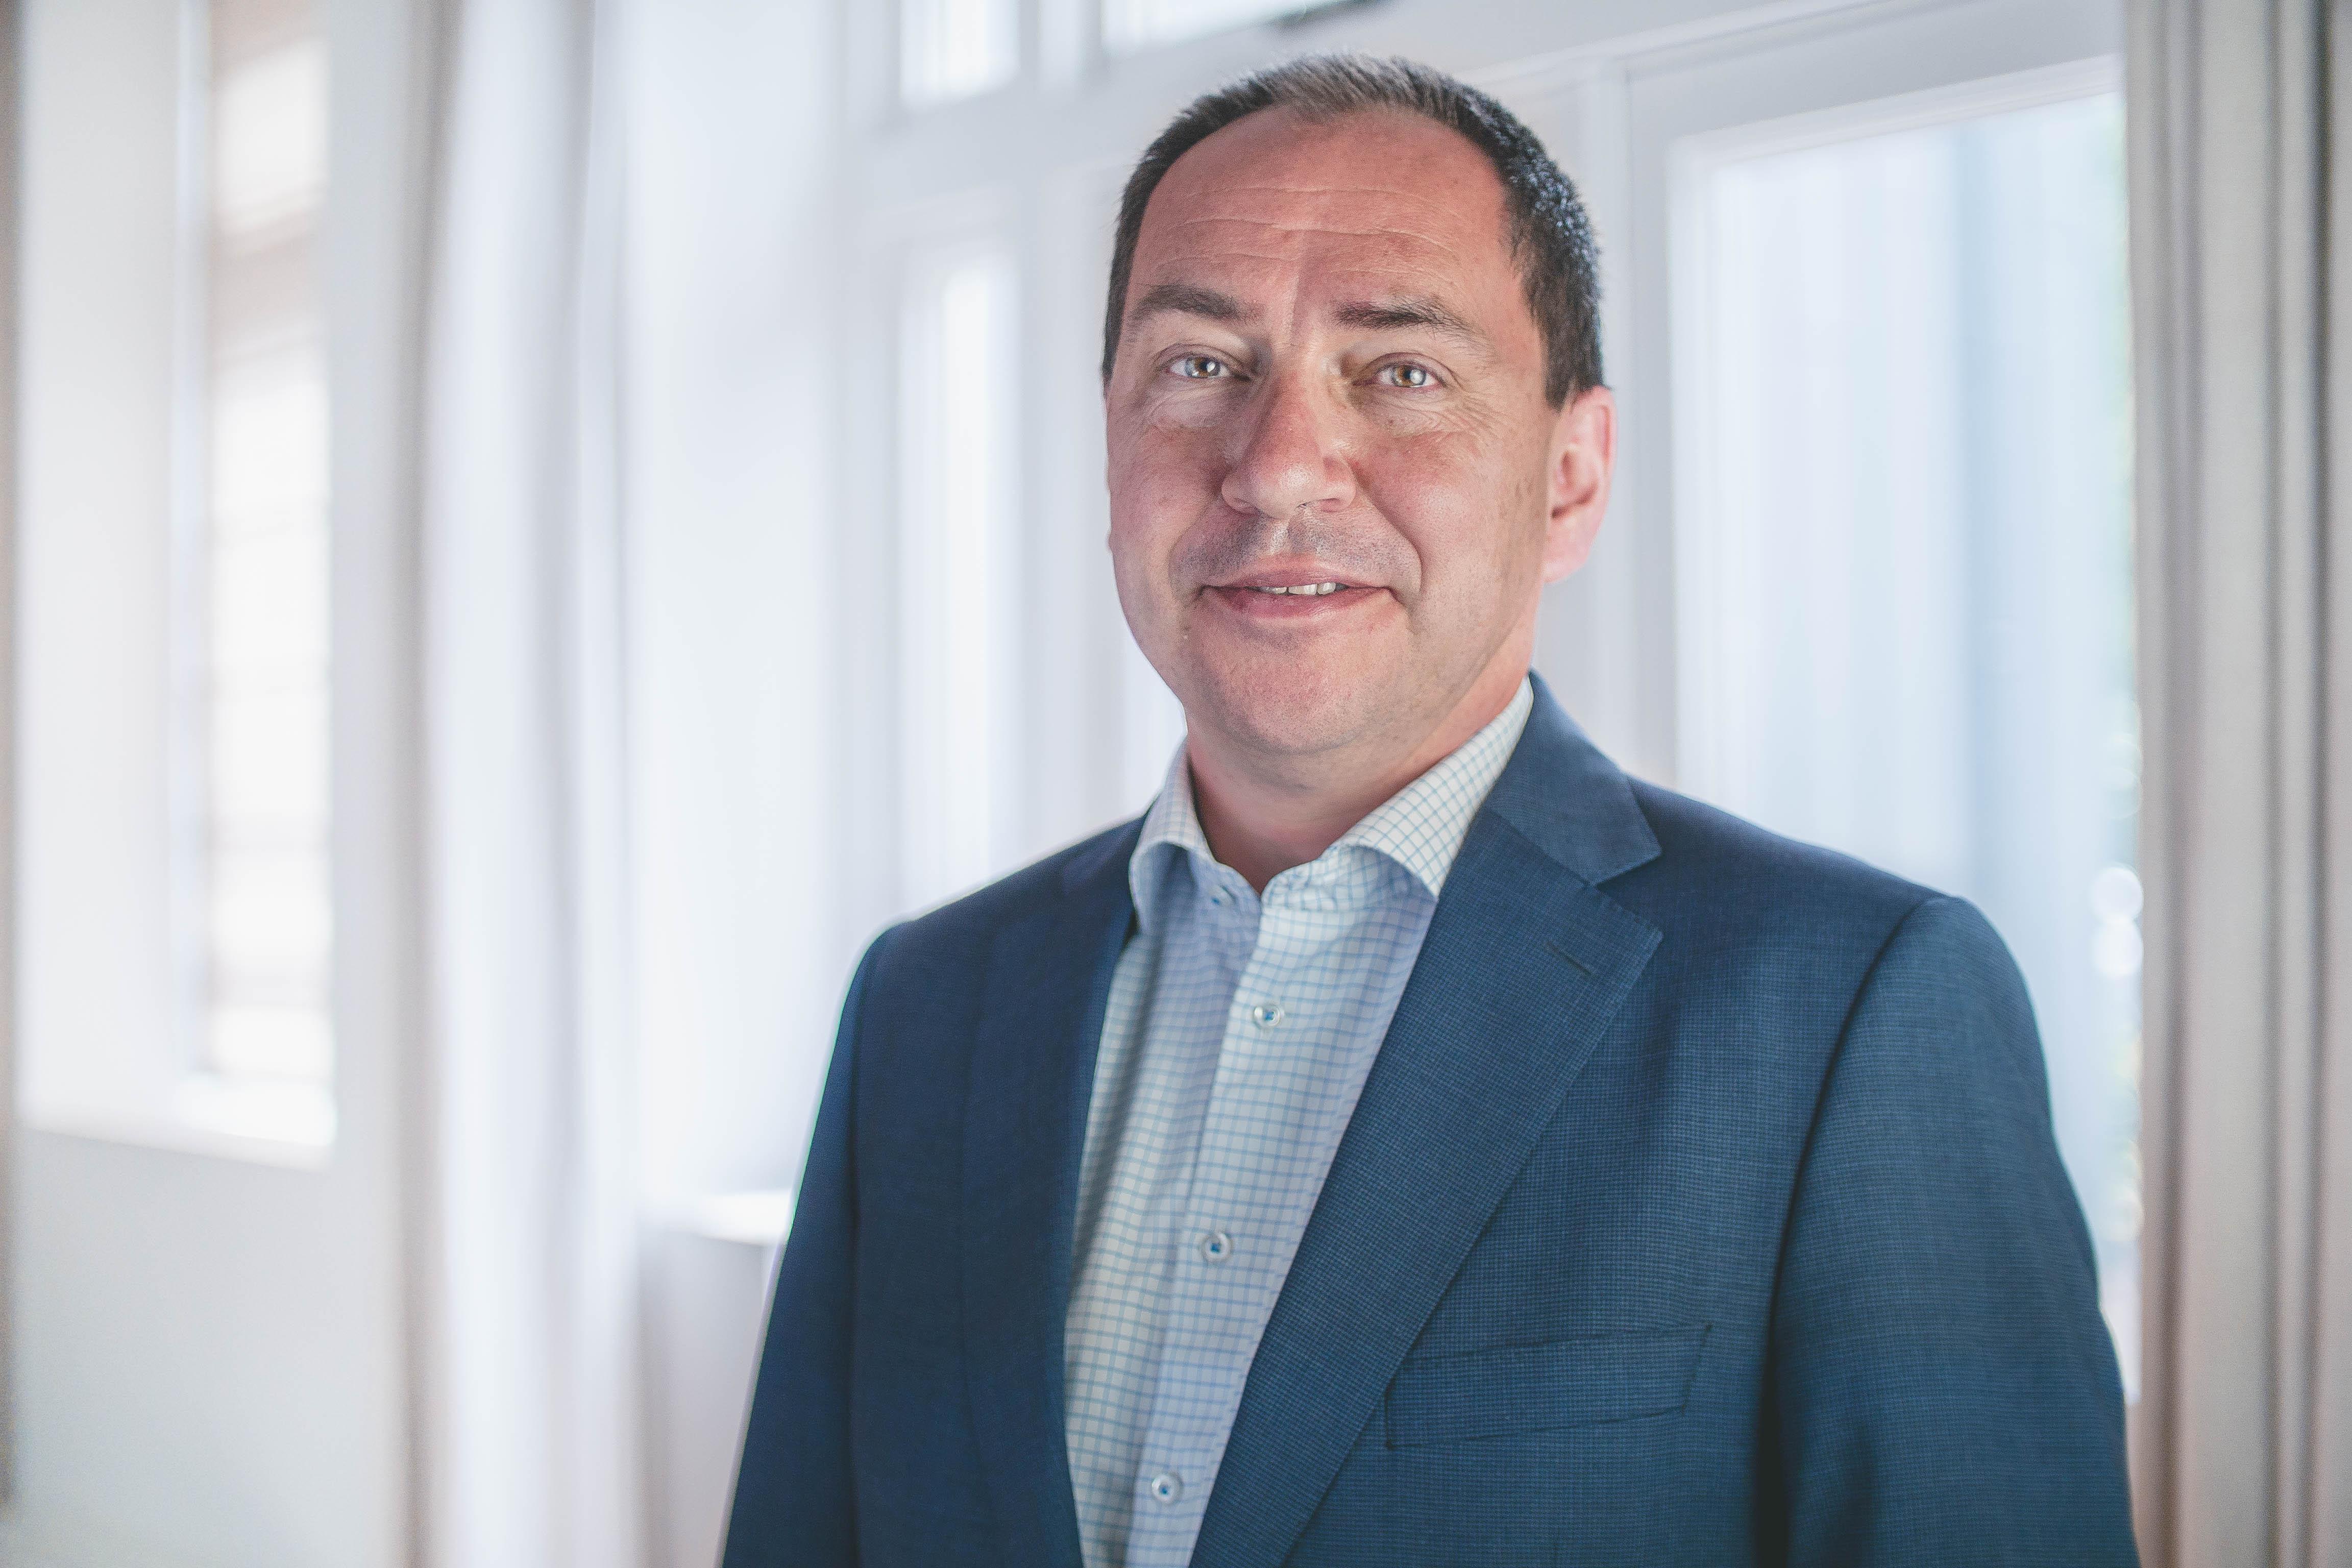 Niche-belegger Primevest gaat in lantaarnpalen